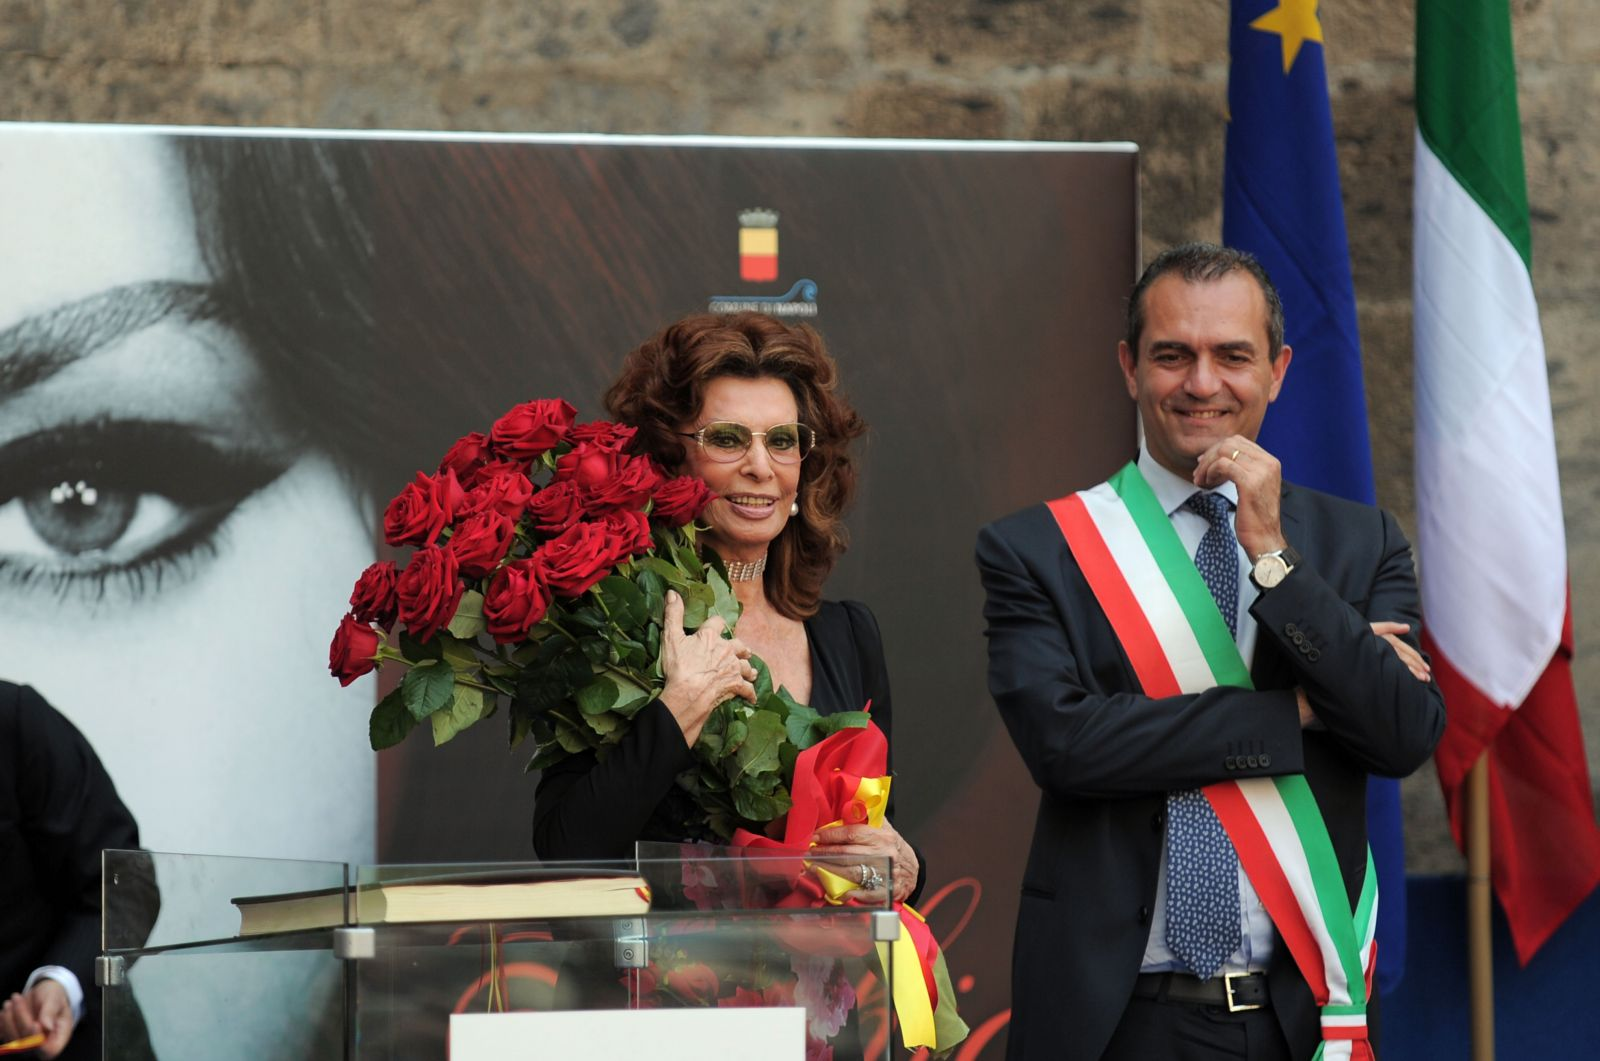 Вечно молодая: 81-летняя Софи Лорен на получении титула почетной гражданки Неаполя